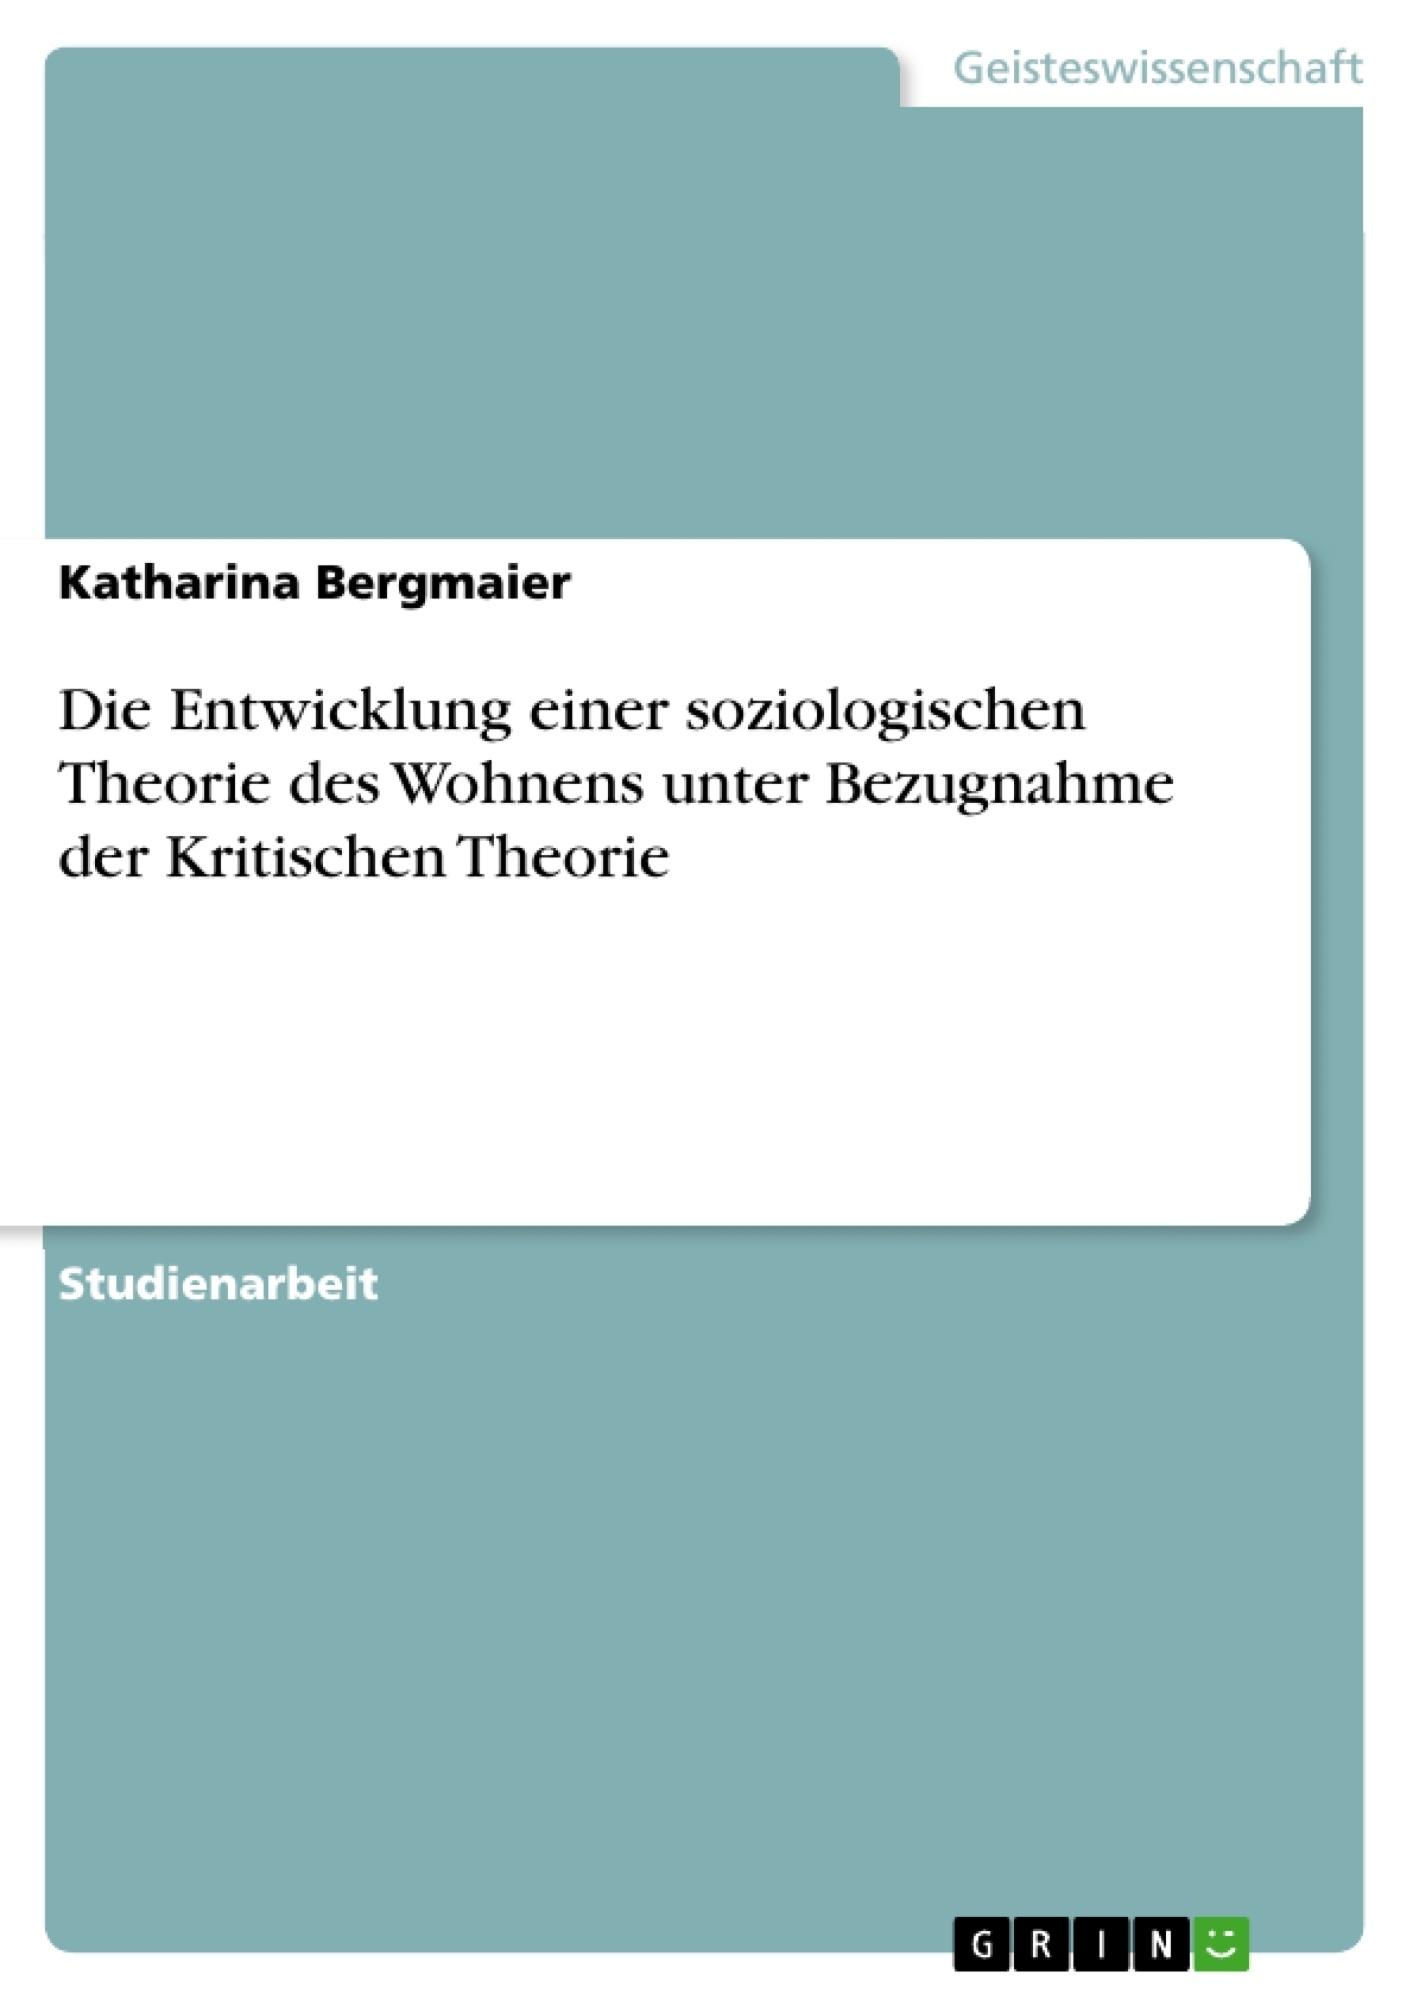 Titel: Die Entwicklung einer soziologischen Theorie des Wohnens unter Bezugnahme der Kritischen Theorie